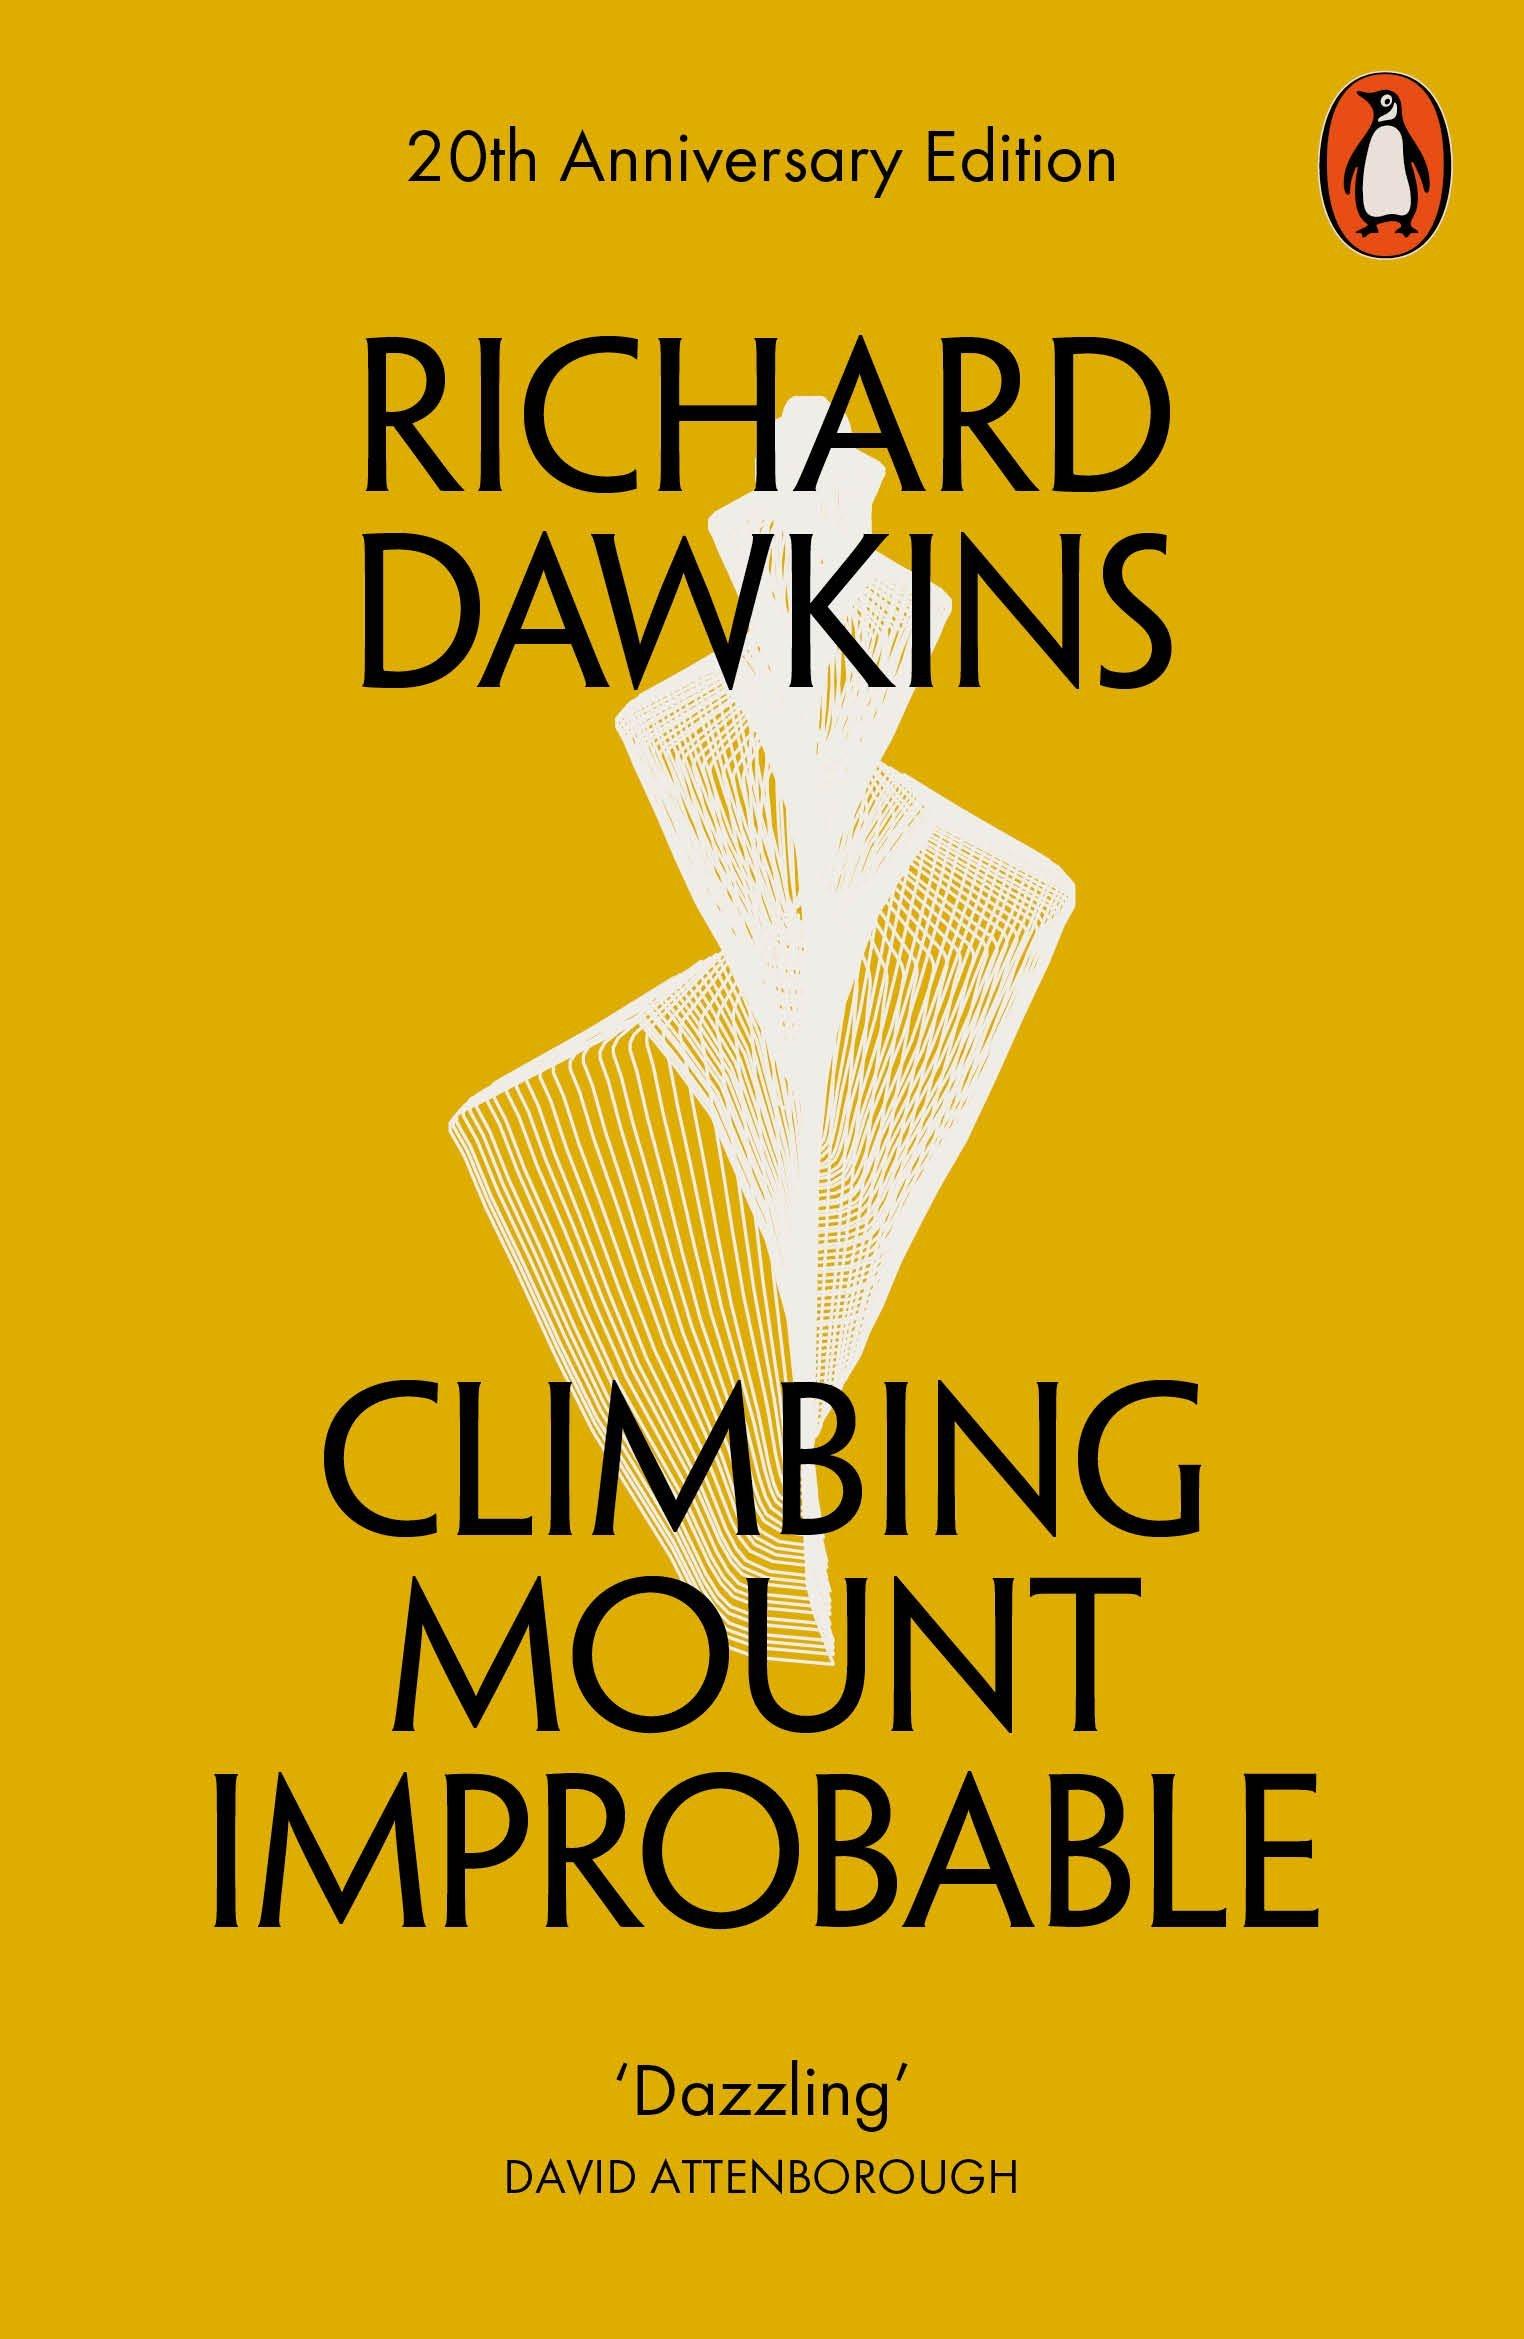 Climbing Mount Improbable: Amazon.co.uk: Richard Dawkins: 9780141026176:  Books